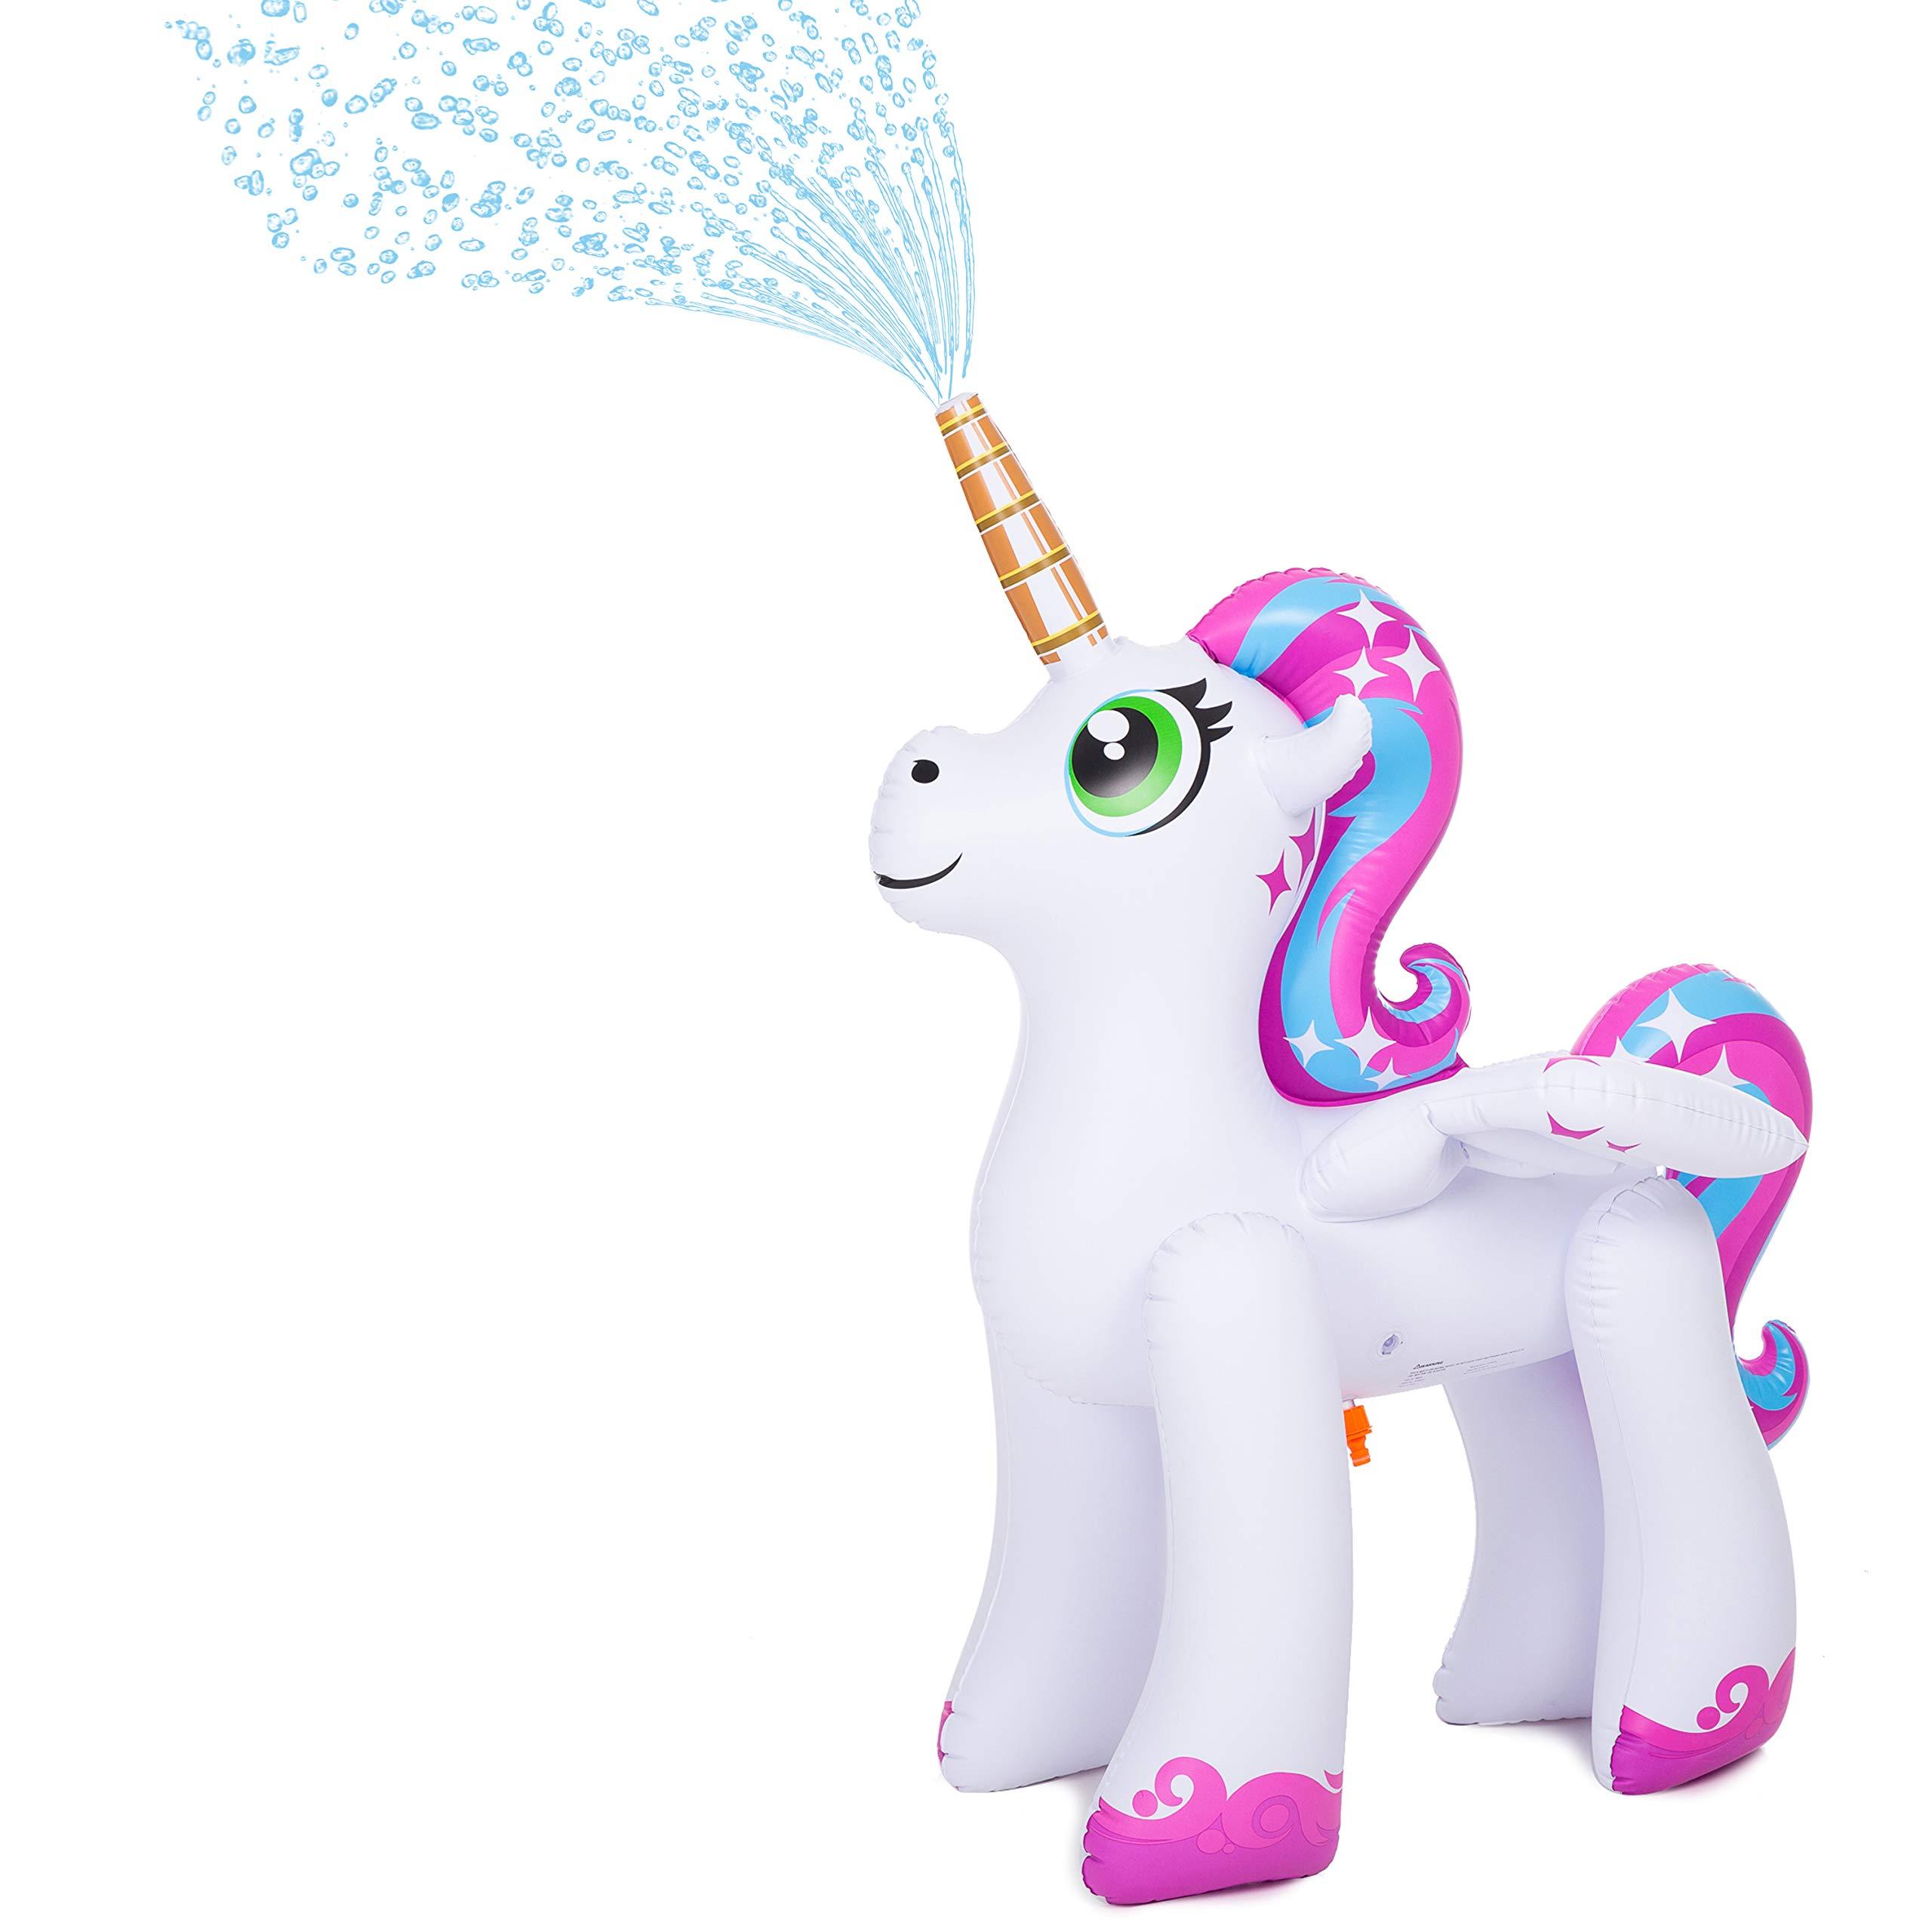 JOYIN Inflatable Unicorn Yard Sprinkler, Alicorn/ Pegasus Lawn Sprinkler for Kids (4 Feet) by JOYIN